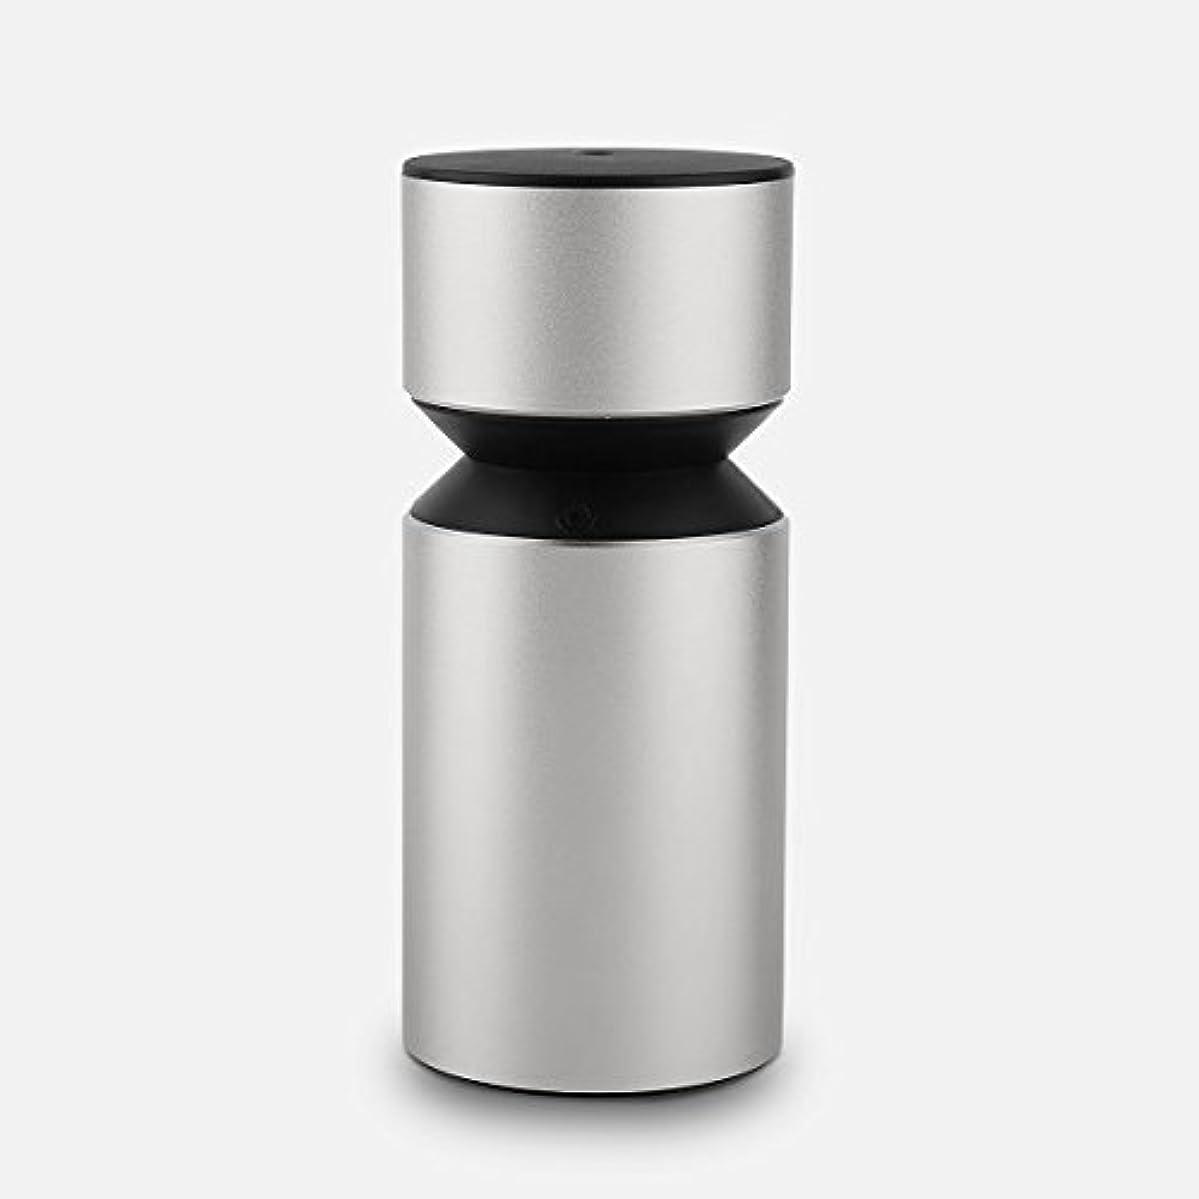 閲覧する提供美容師Bbymieポータブルアロマテラピー純粋なエッセンシャルオイルディフューザーは車/旅行/オフィス/リビングルーム - 空気フレッシュ - ユニークなデザインは安全に使用する - Bpaフリー